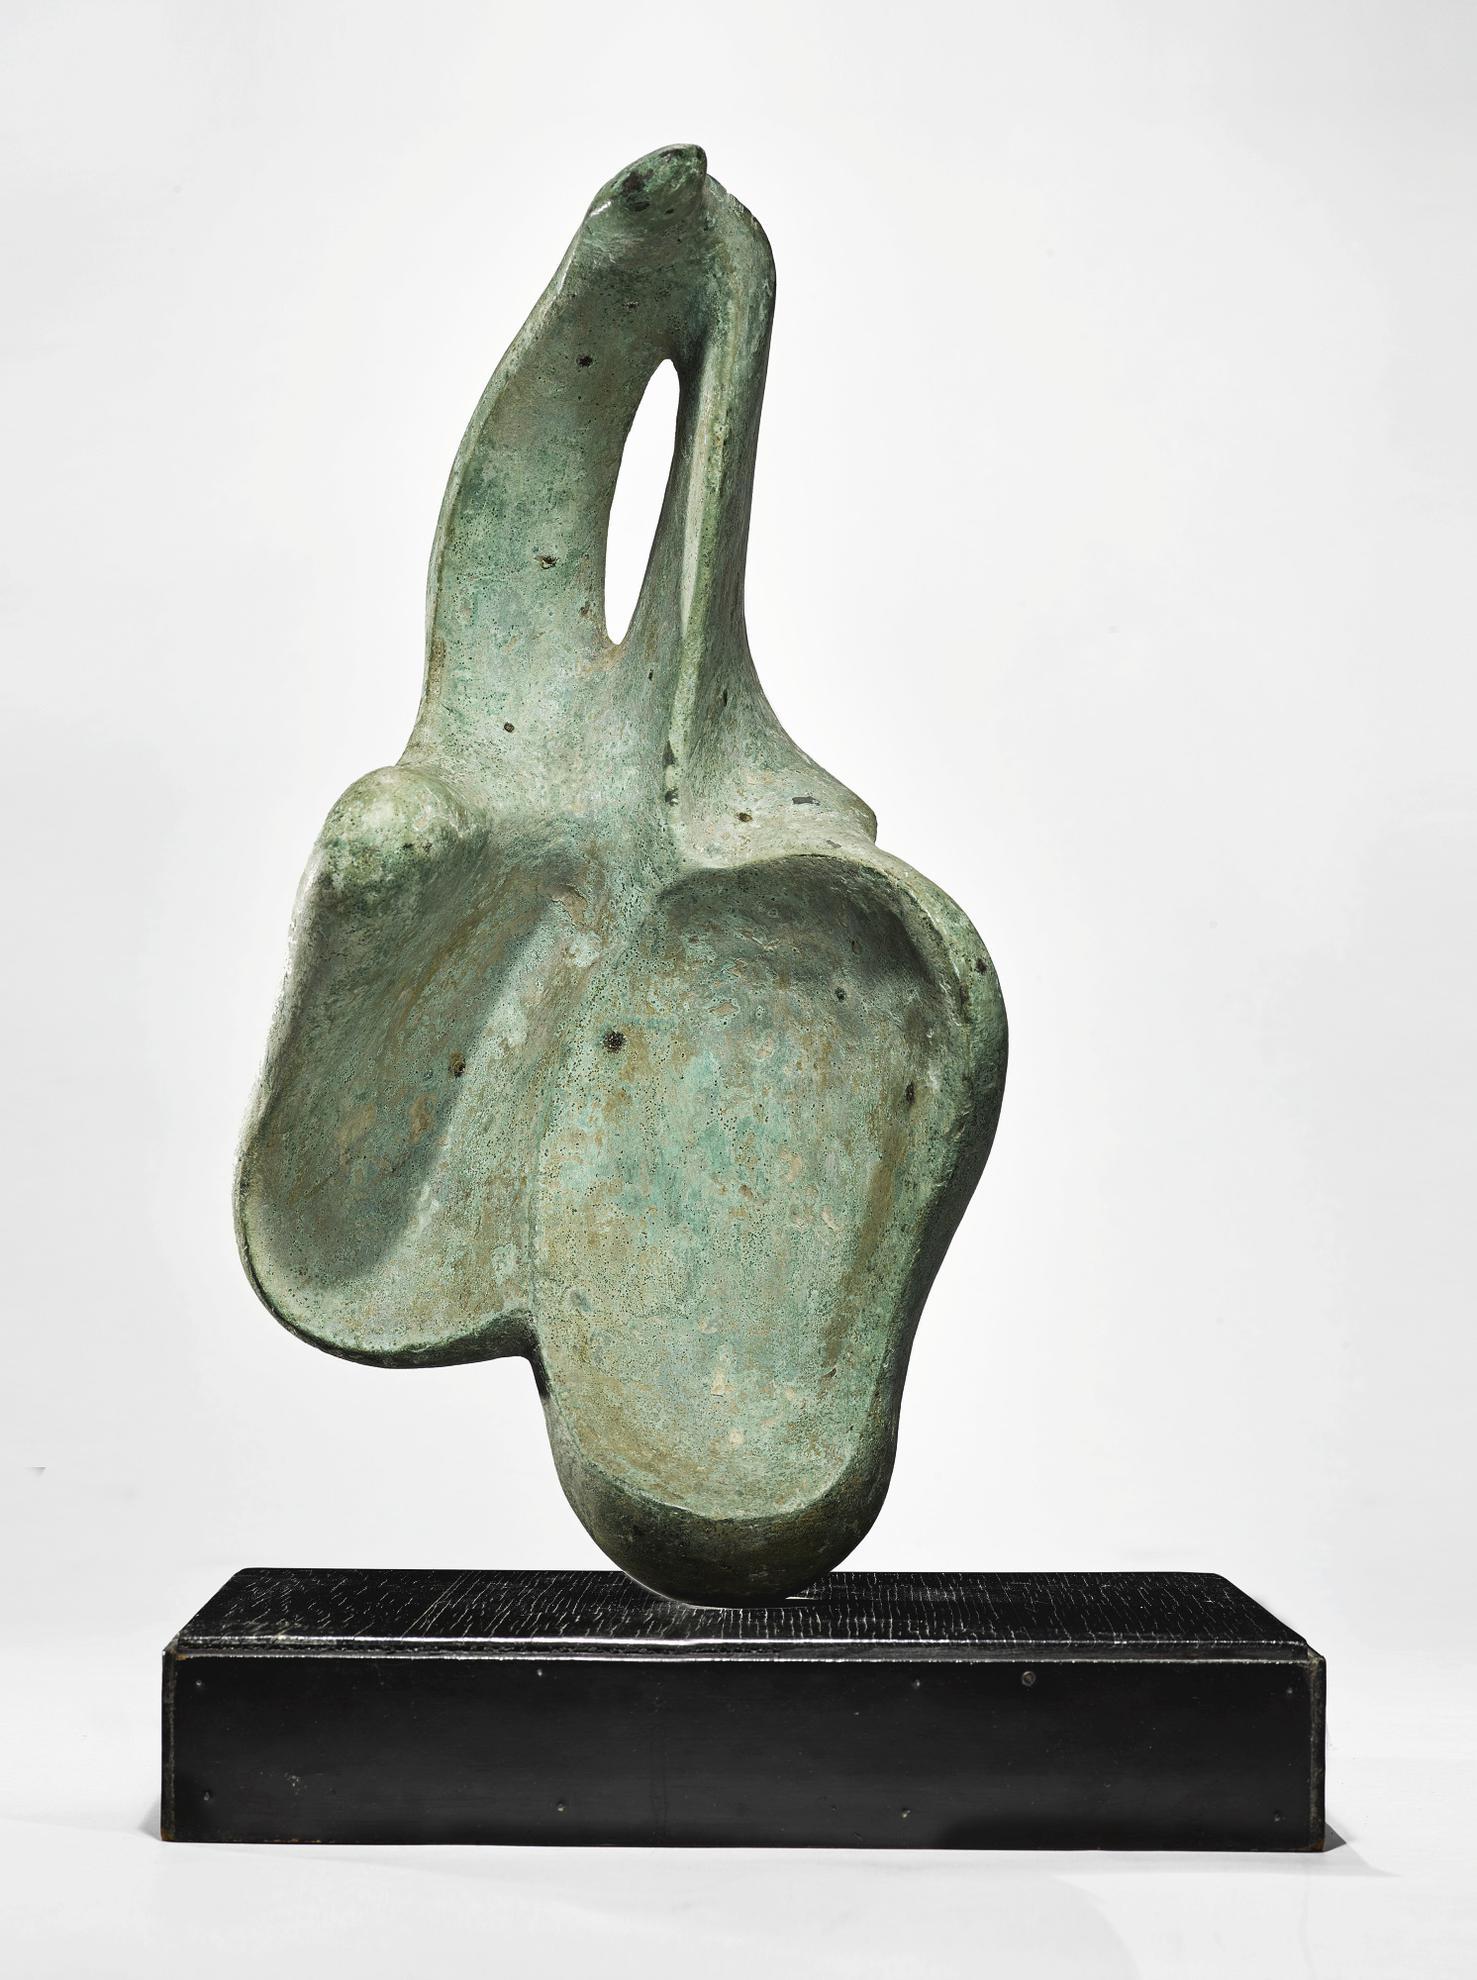 Amar Nath Sehgal - Form-1960